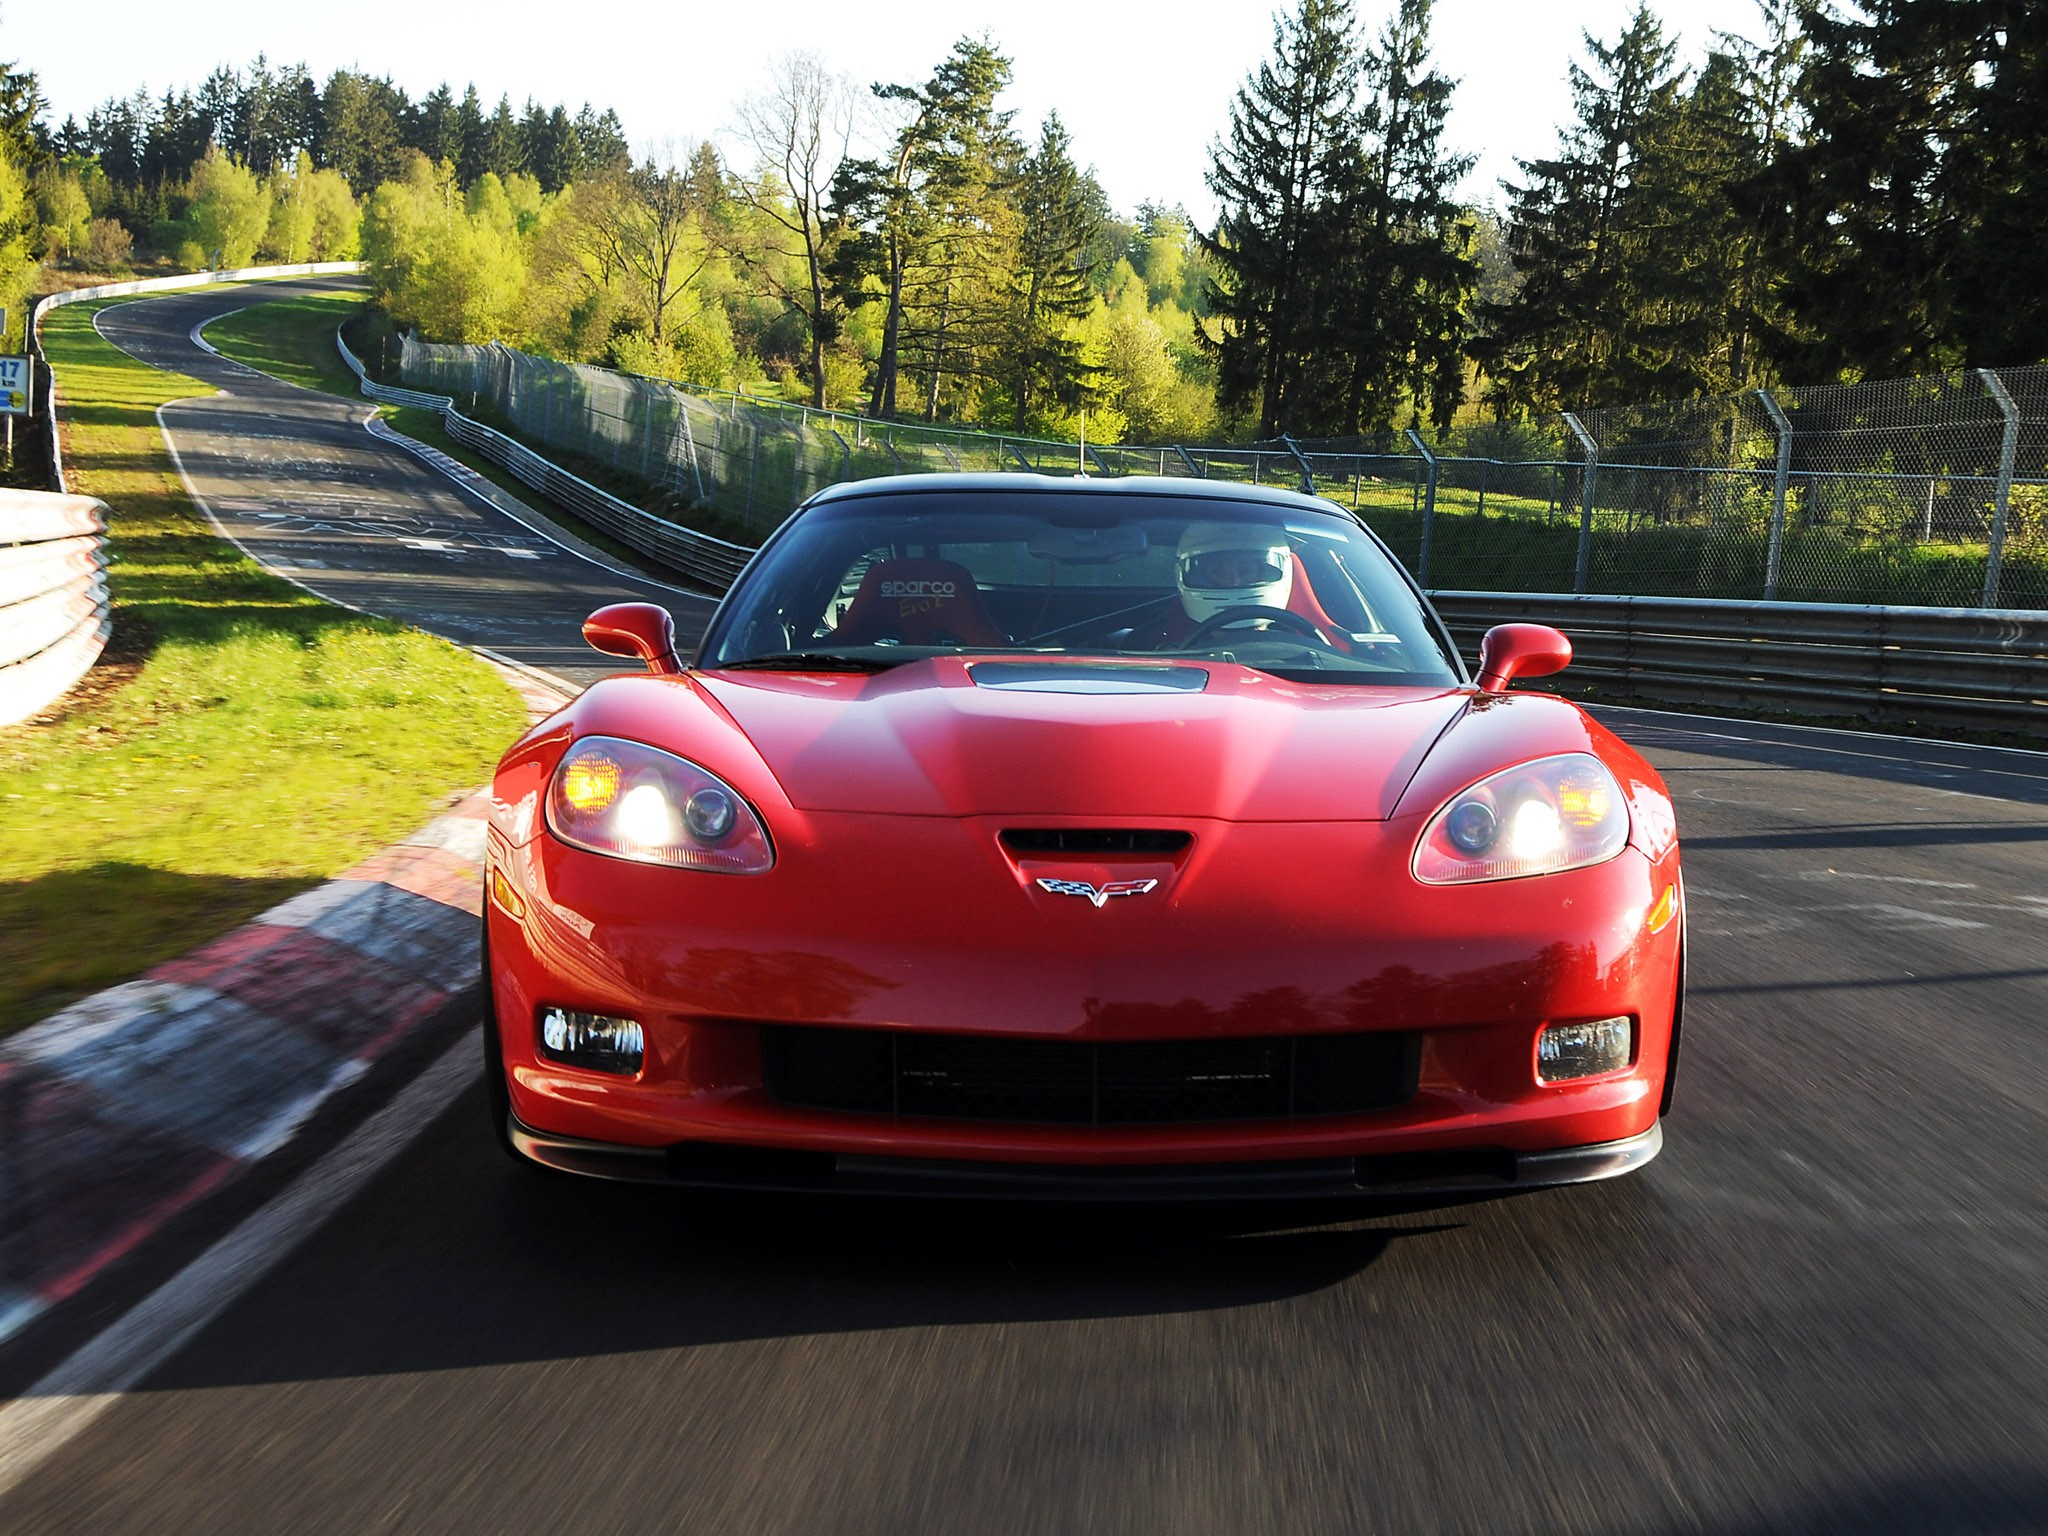 CHEVROLET Corvette ZR1 - 2008, 2009, 2010, 2011, 2012, 2013 - autoevolution